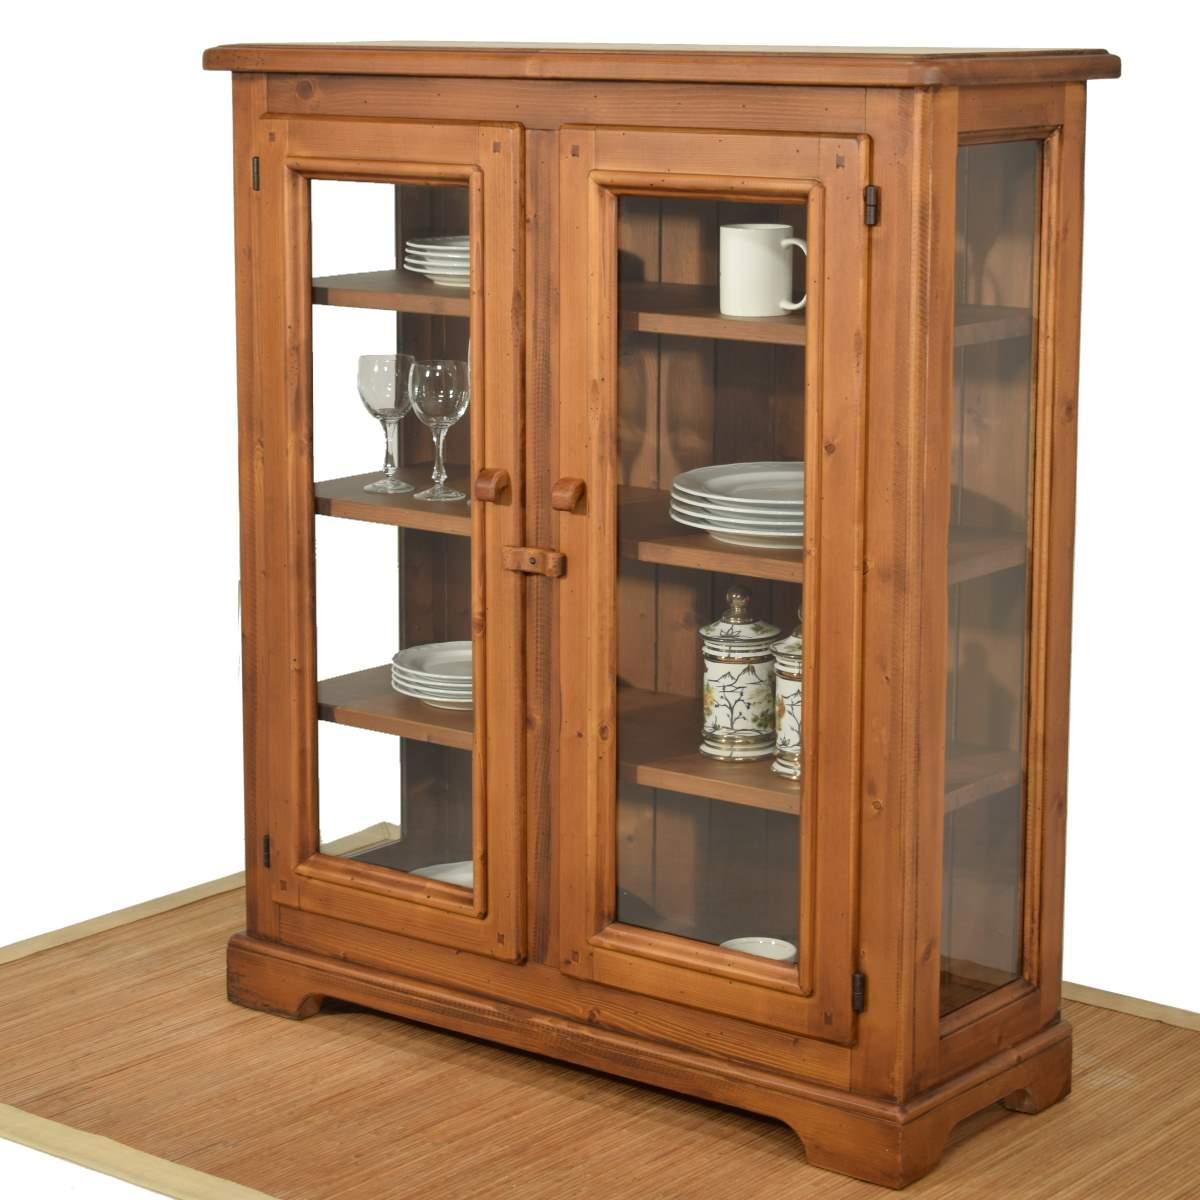 Vitrina baja r stica dos vidrieras de madera ecor stico for Muebles de anticuario